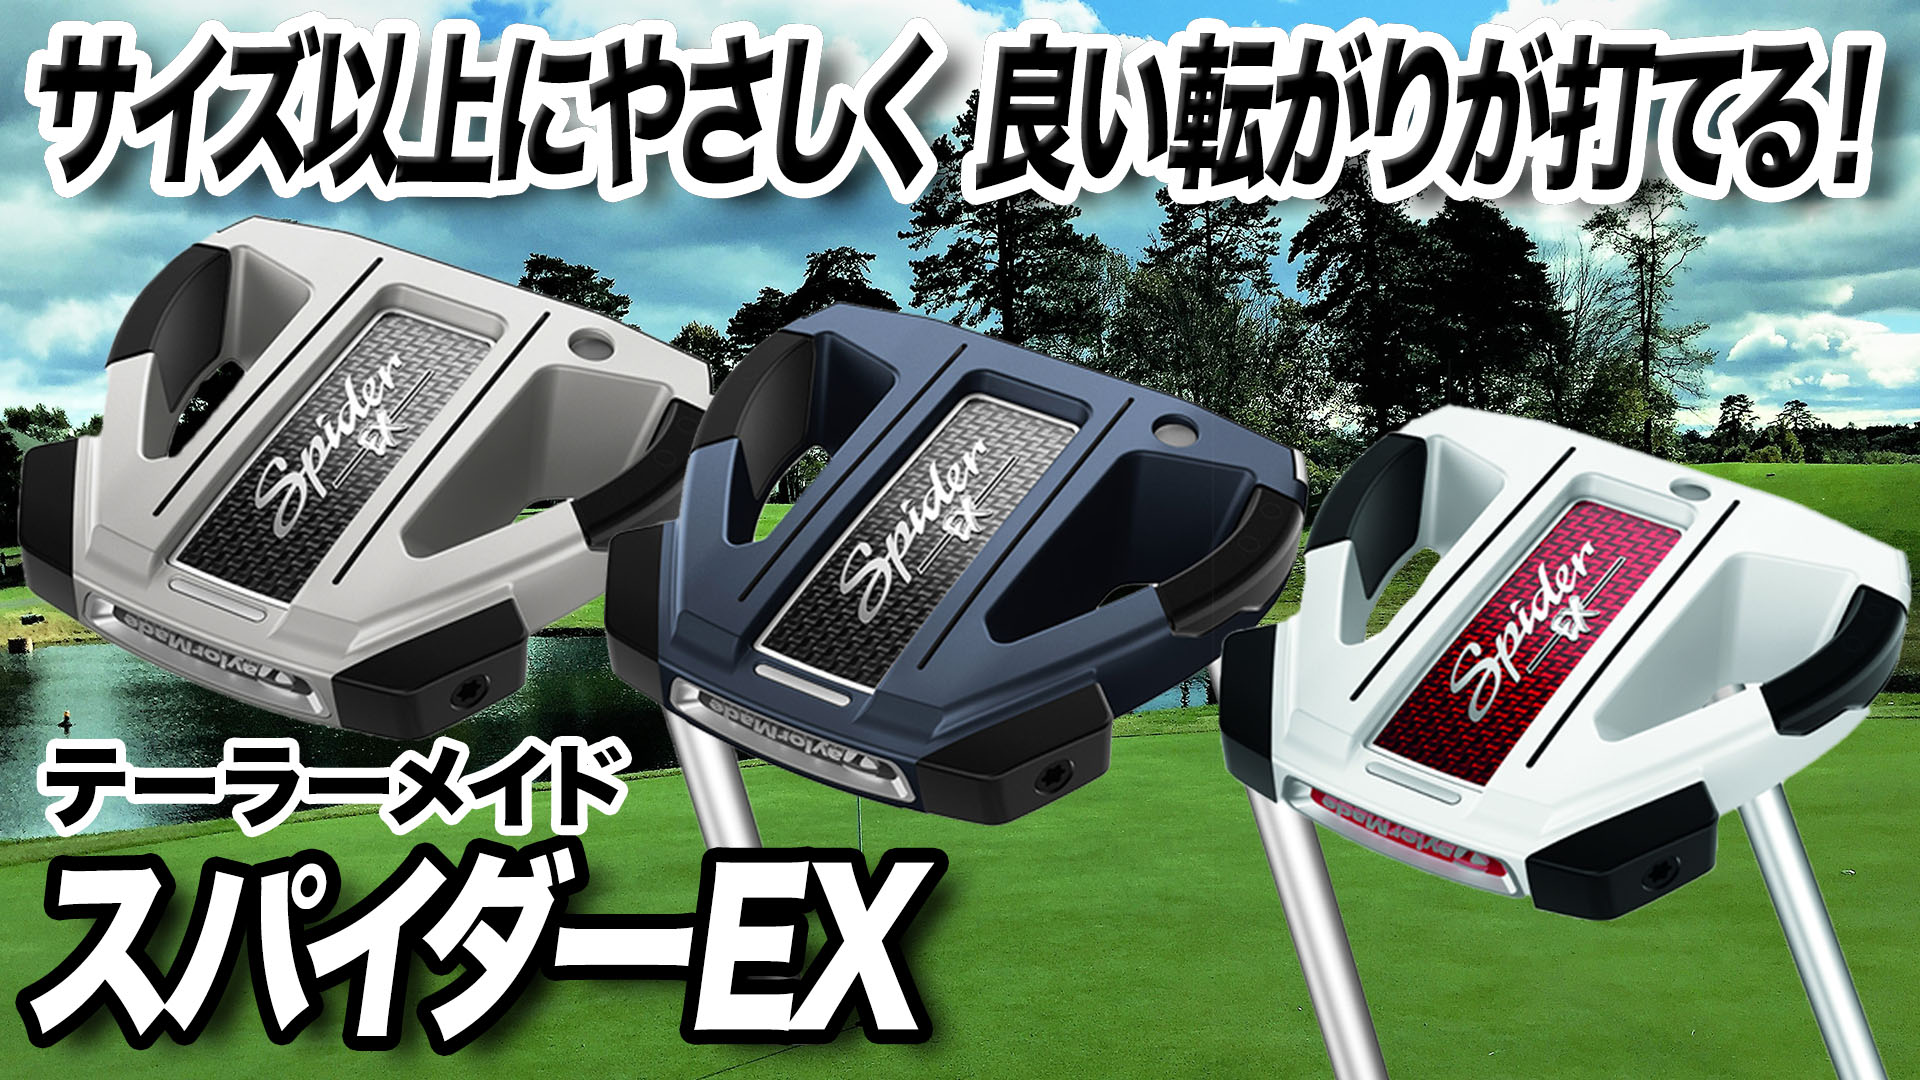 テーラーメイド「スパイダー EX パター」【レビュー企画】